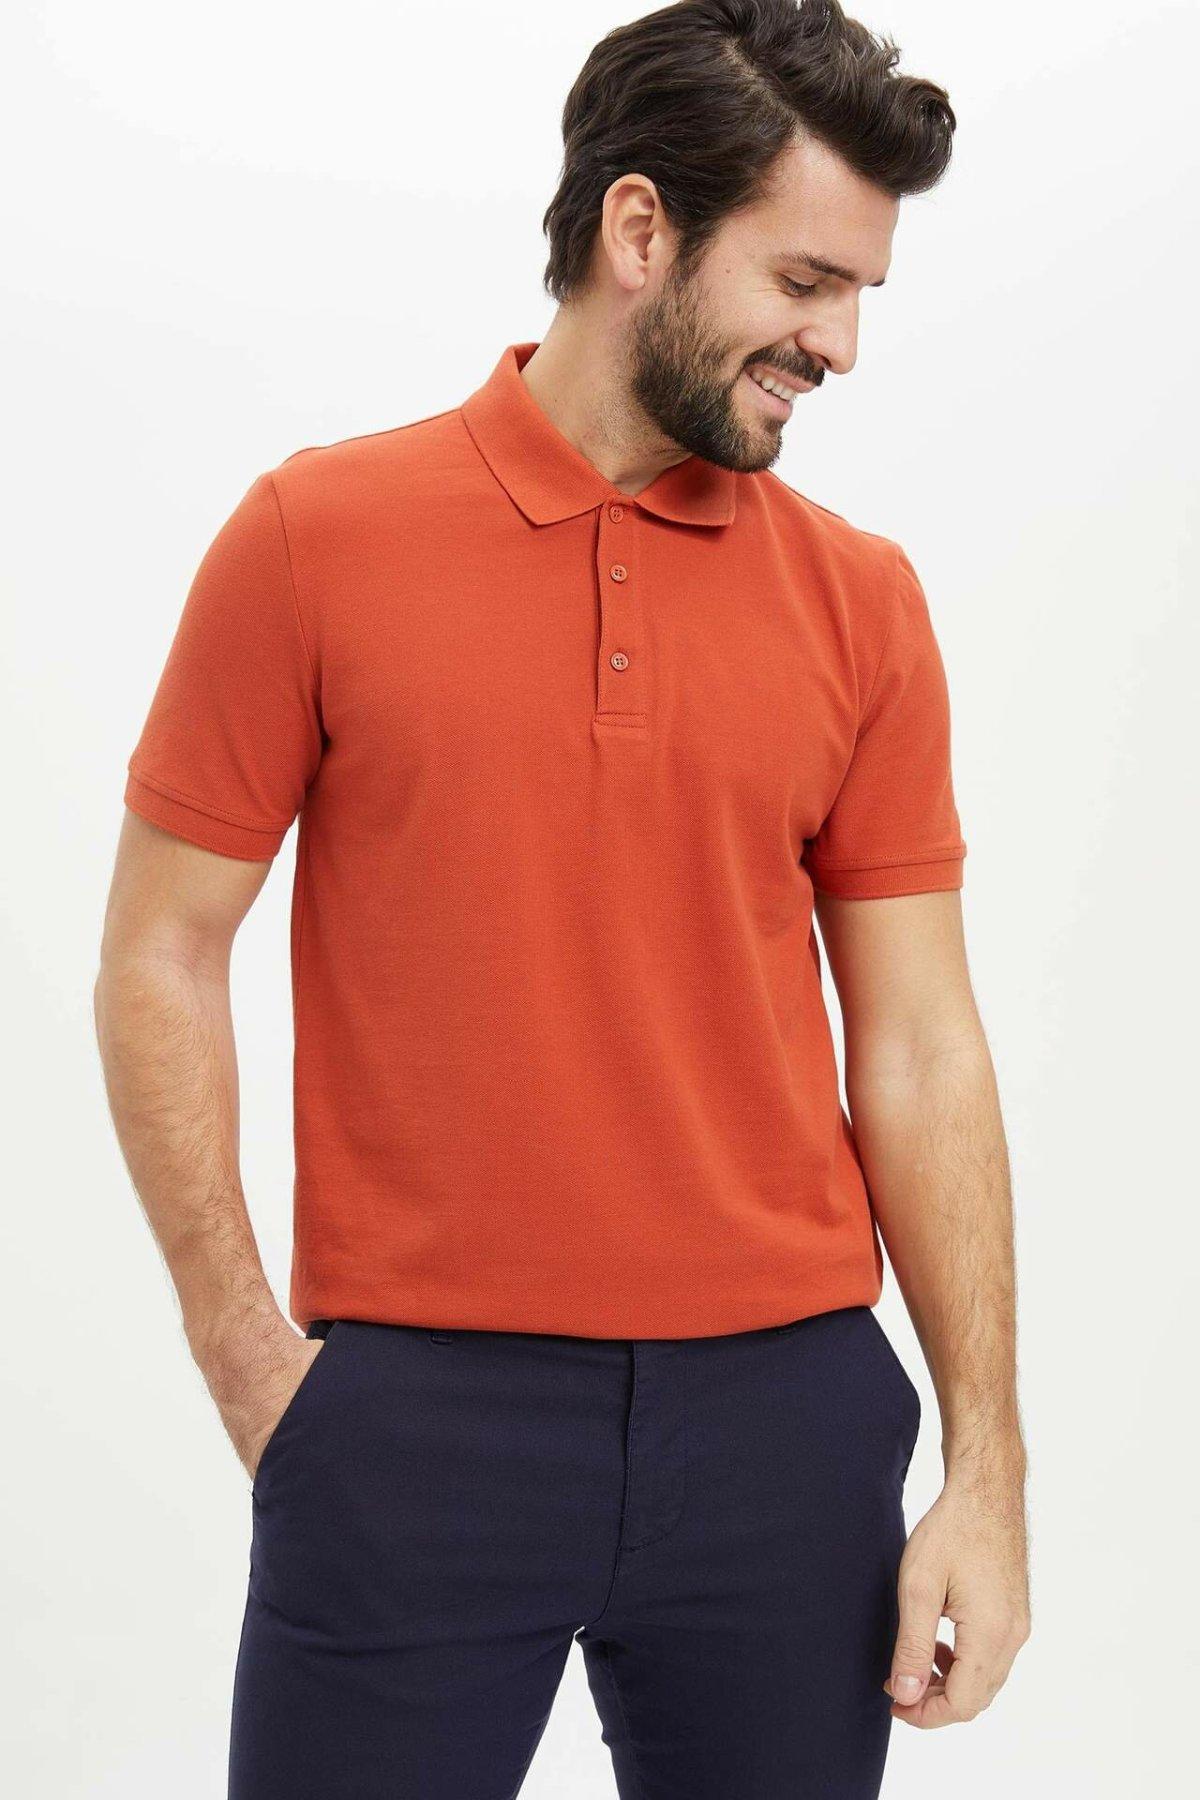 DeFacto Man T-Shirt Men Summer Short Sleeve Top Tees Men Casual T-Shirts Male Solid Color Top Tees-M7676AZ20SP